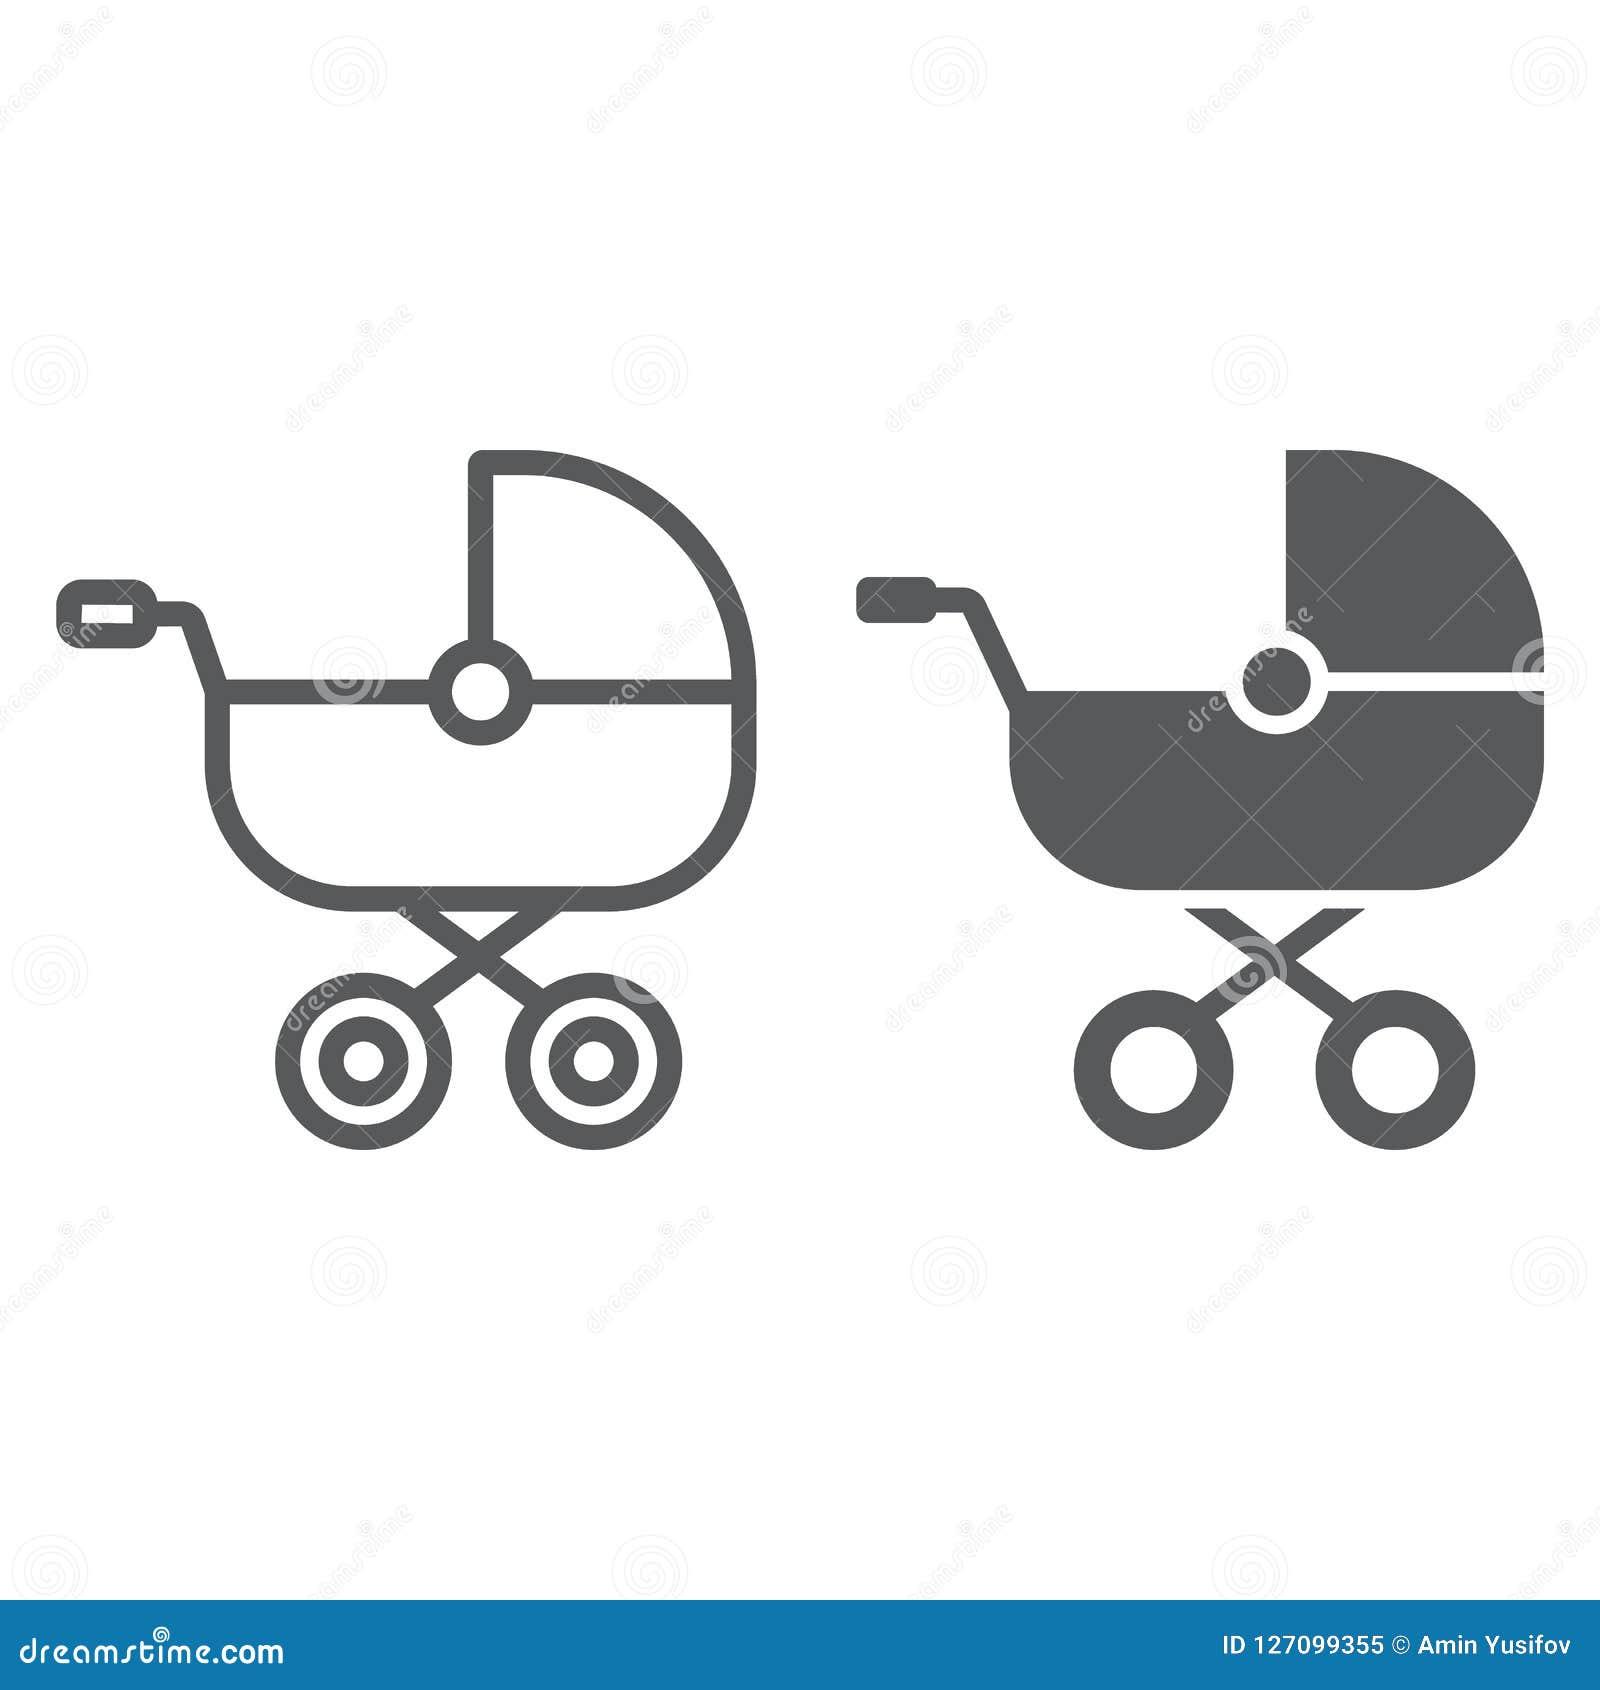 Dziecko frachtu linia, glif ikona, dziecko i pram, powozika znak, wektorowe grafika, liniowy wzór na białym tle